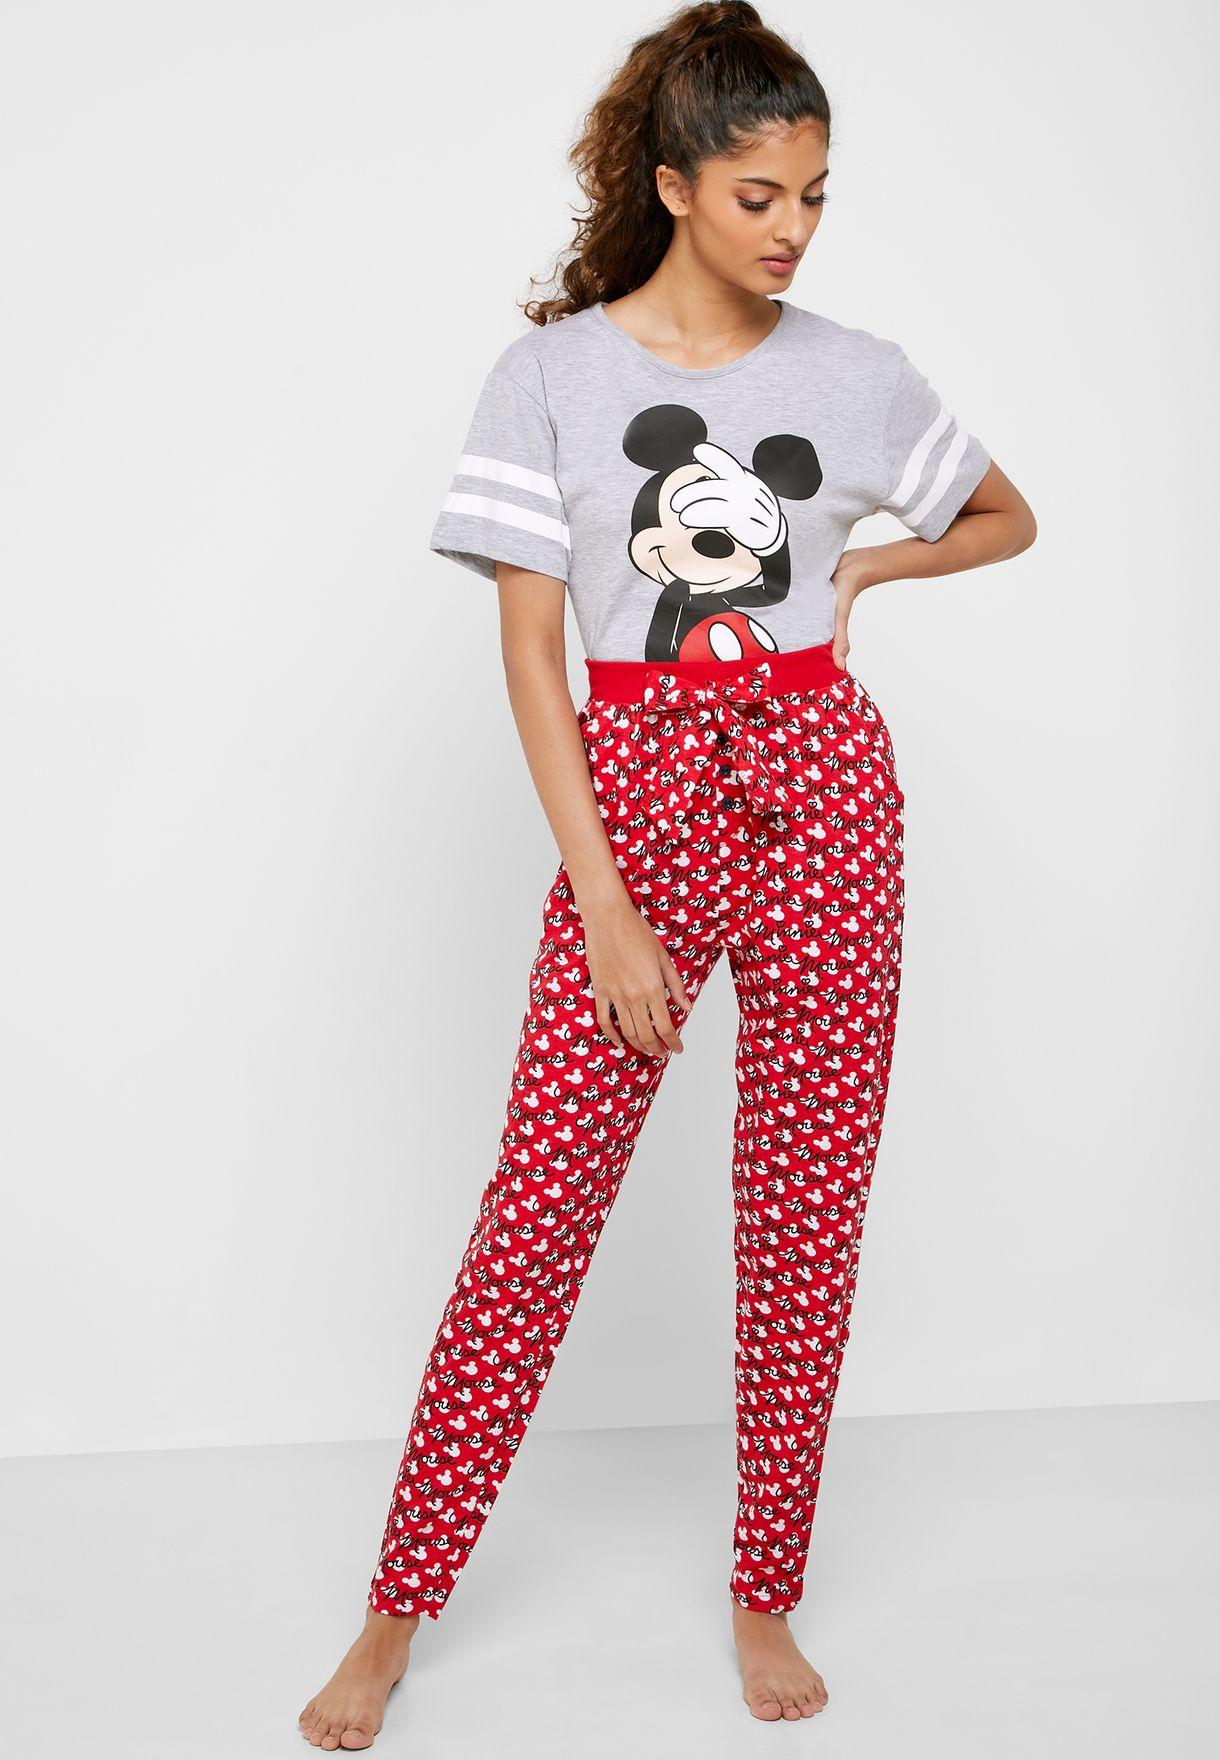 Minnie Mouse Printed Pyjama